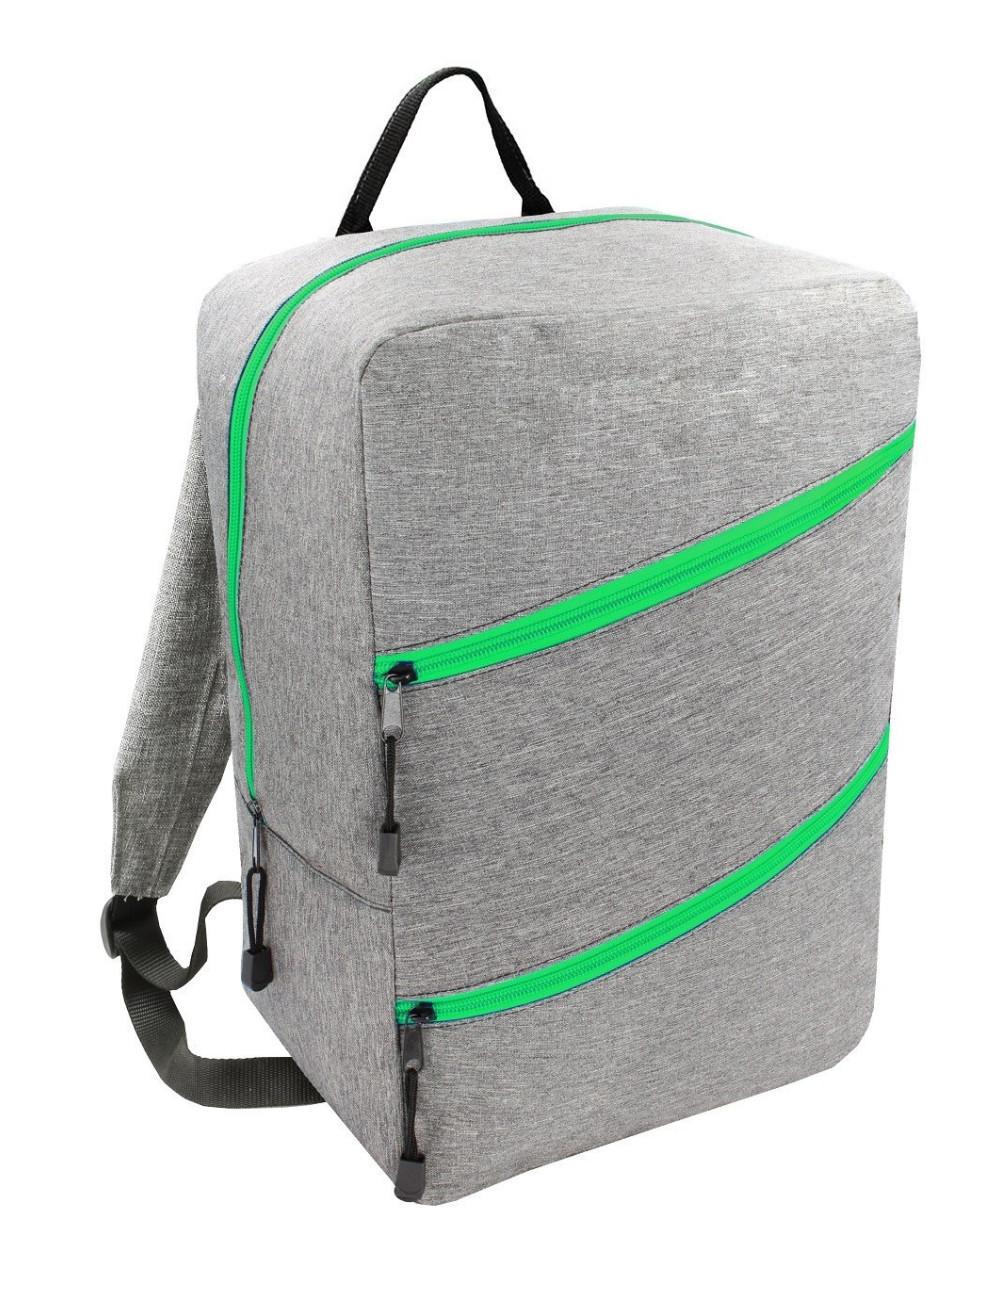 Plecak Torba RYANAIR 40x20x25 bagaż podręczny 43 - szary z zielonym zamkiem